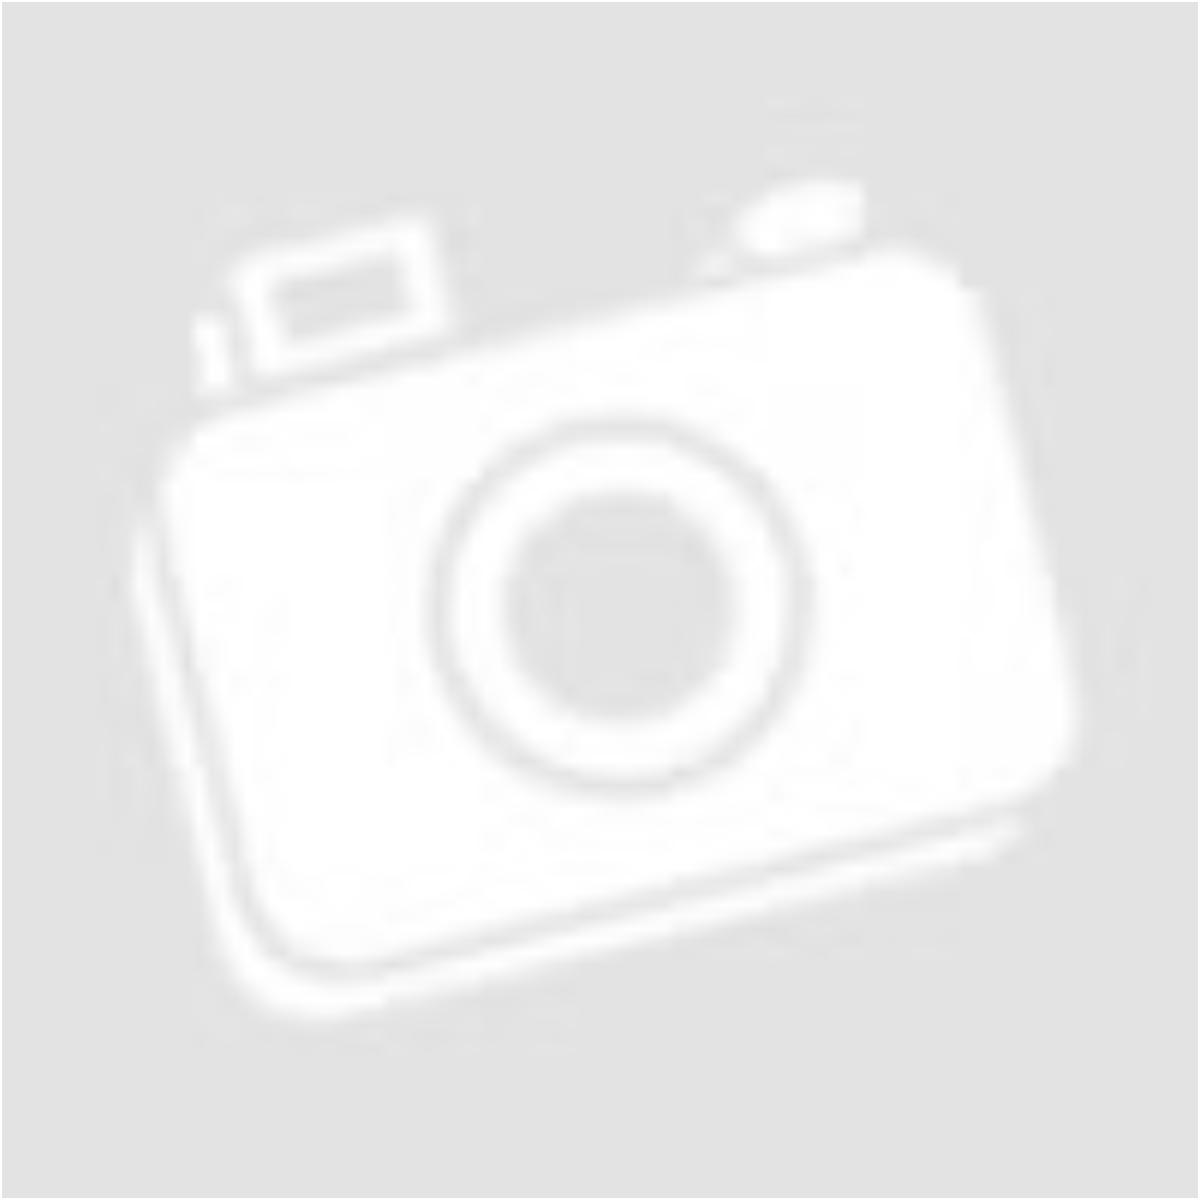 Ladycup maszk fehér piros pöttyös maszk M méret